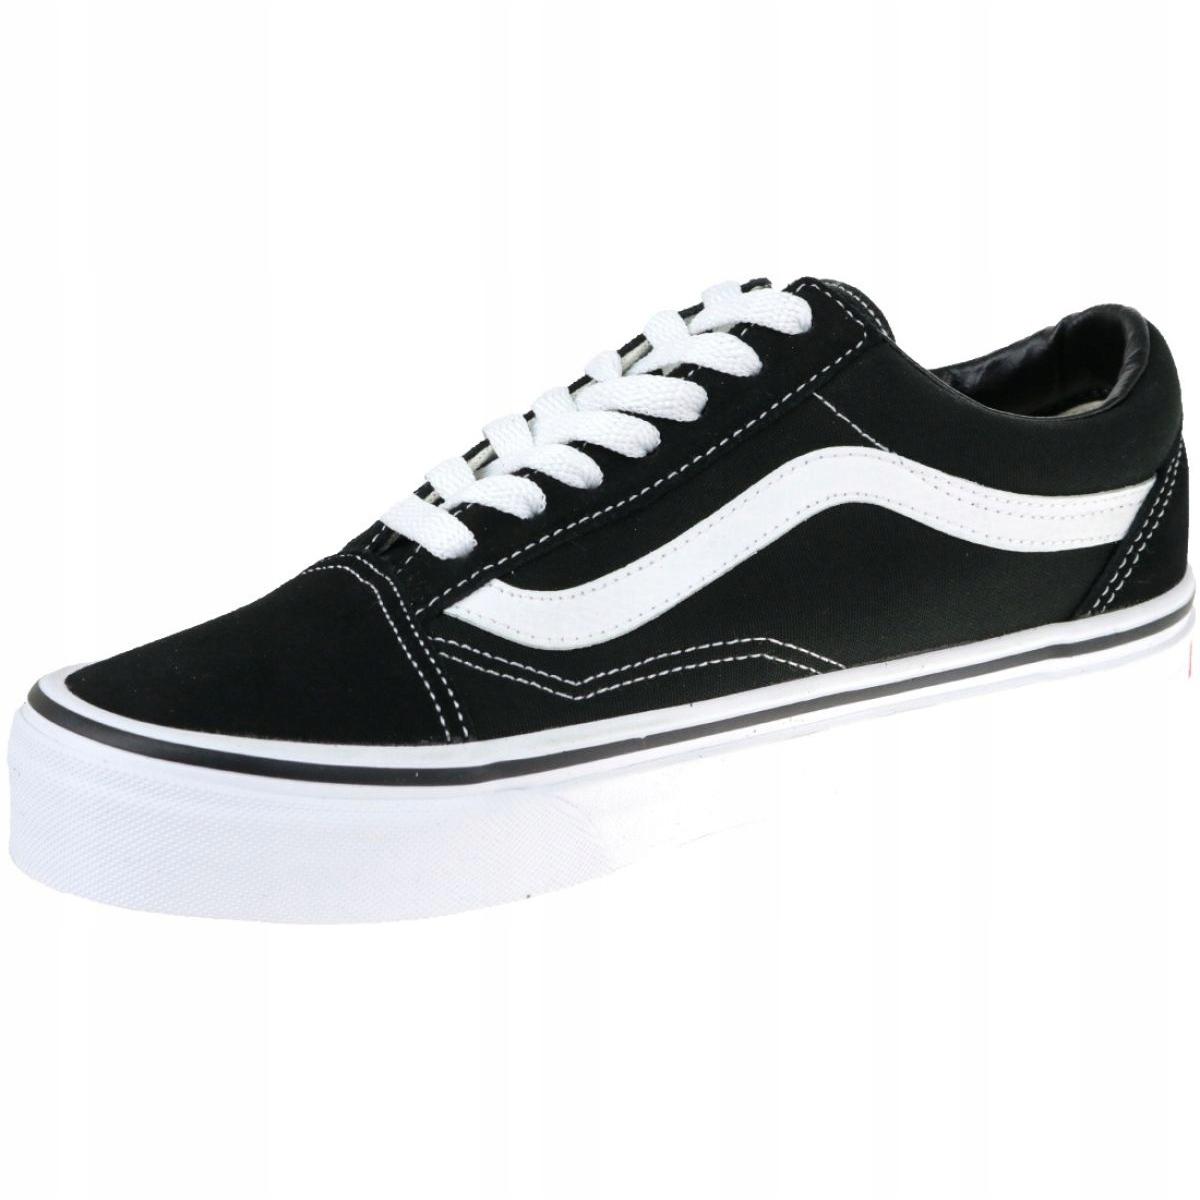 Viking Vans Old Skool VD3HY28 cipő fekete